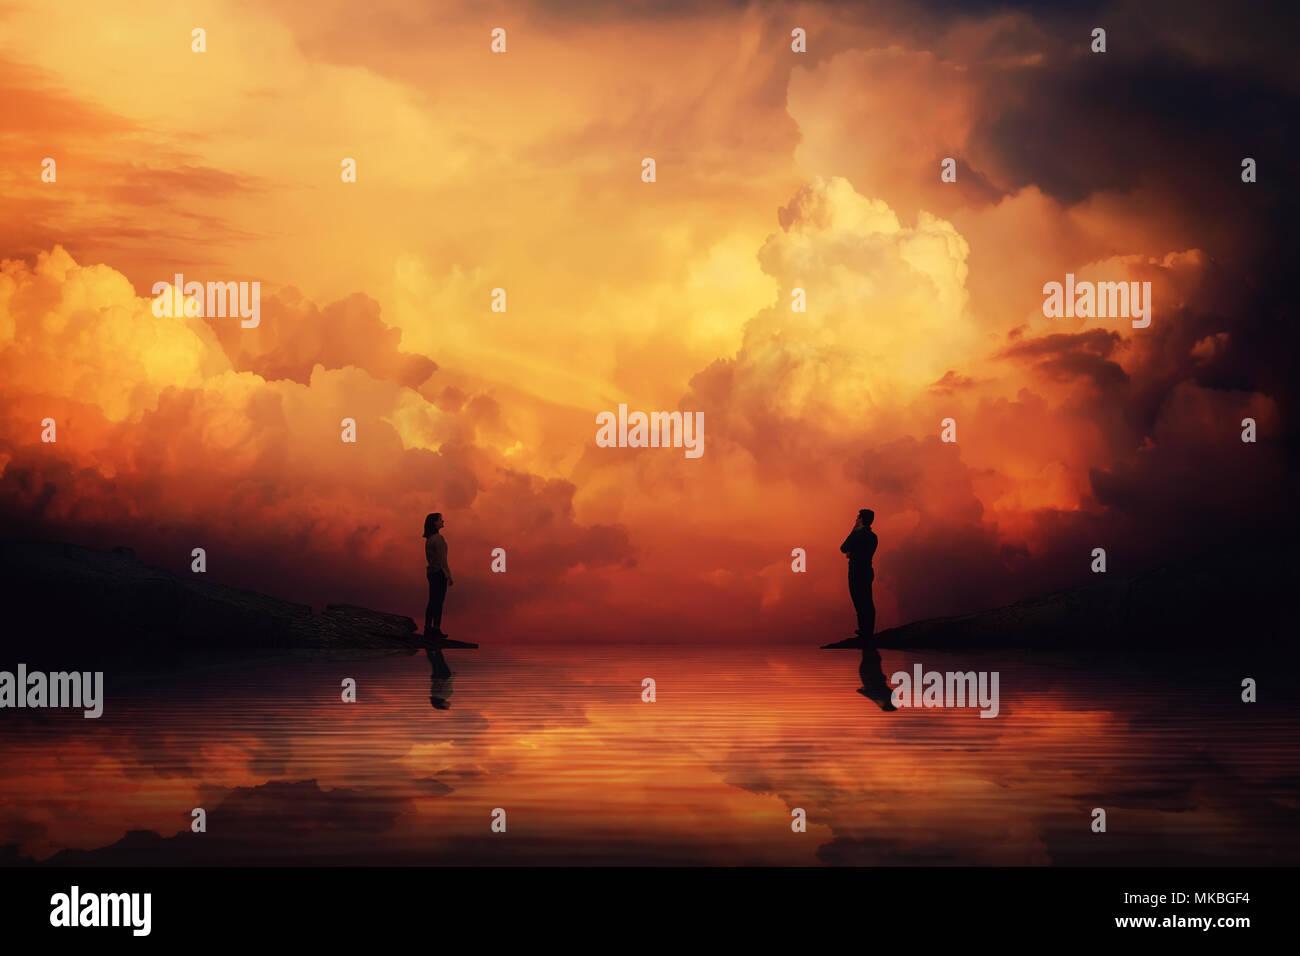 L'homme et la femme se tenir sur les différents côtés de la rive d'penser comment rejoindre l'autre sur un fond coucher de soleil. La construction d'un pont imaginaire Photo Stock